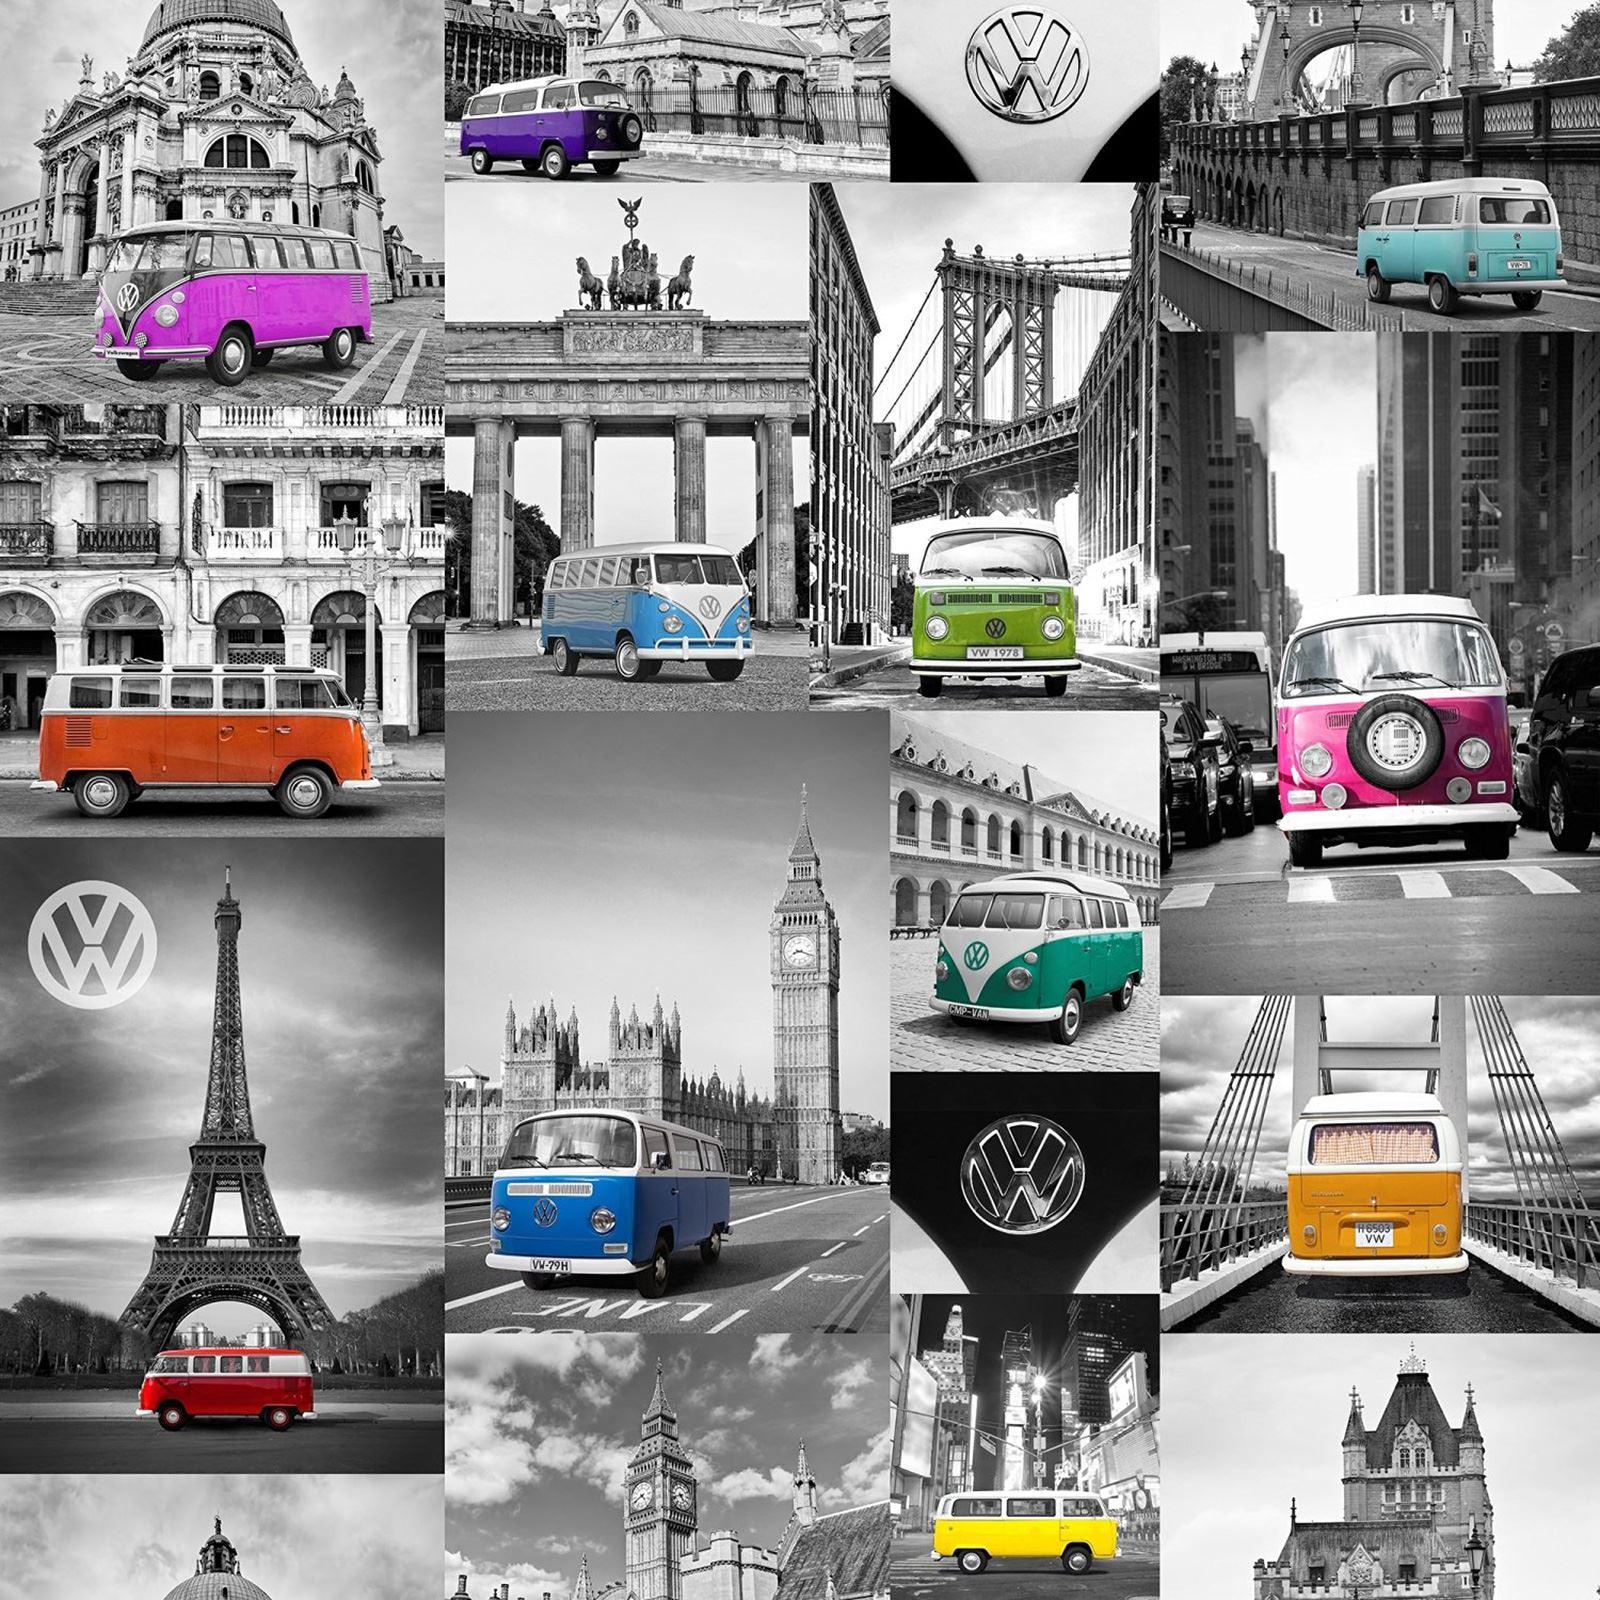 Volkswagen Wallpaper Campervan Scooters City Campers